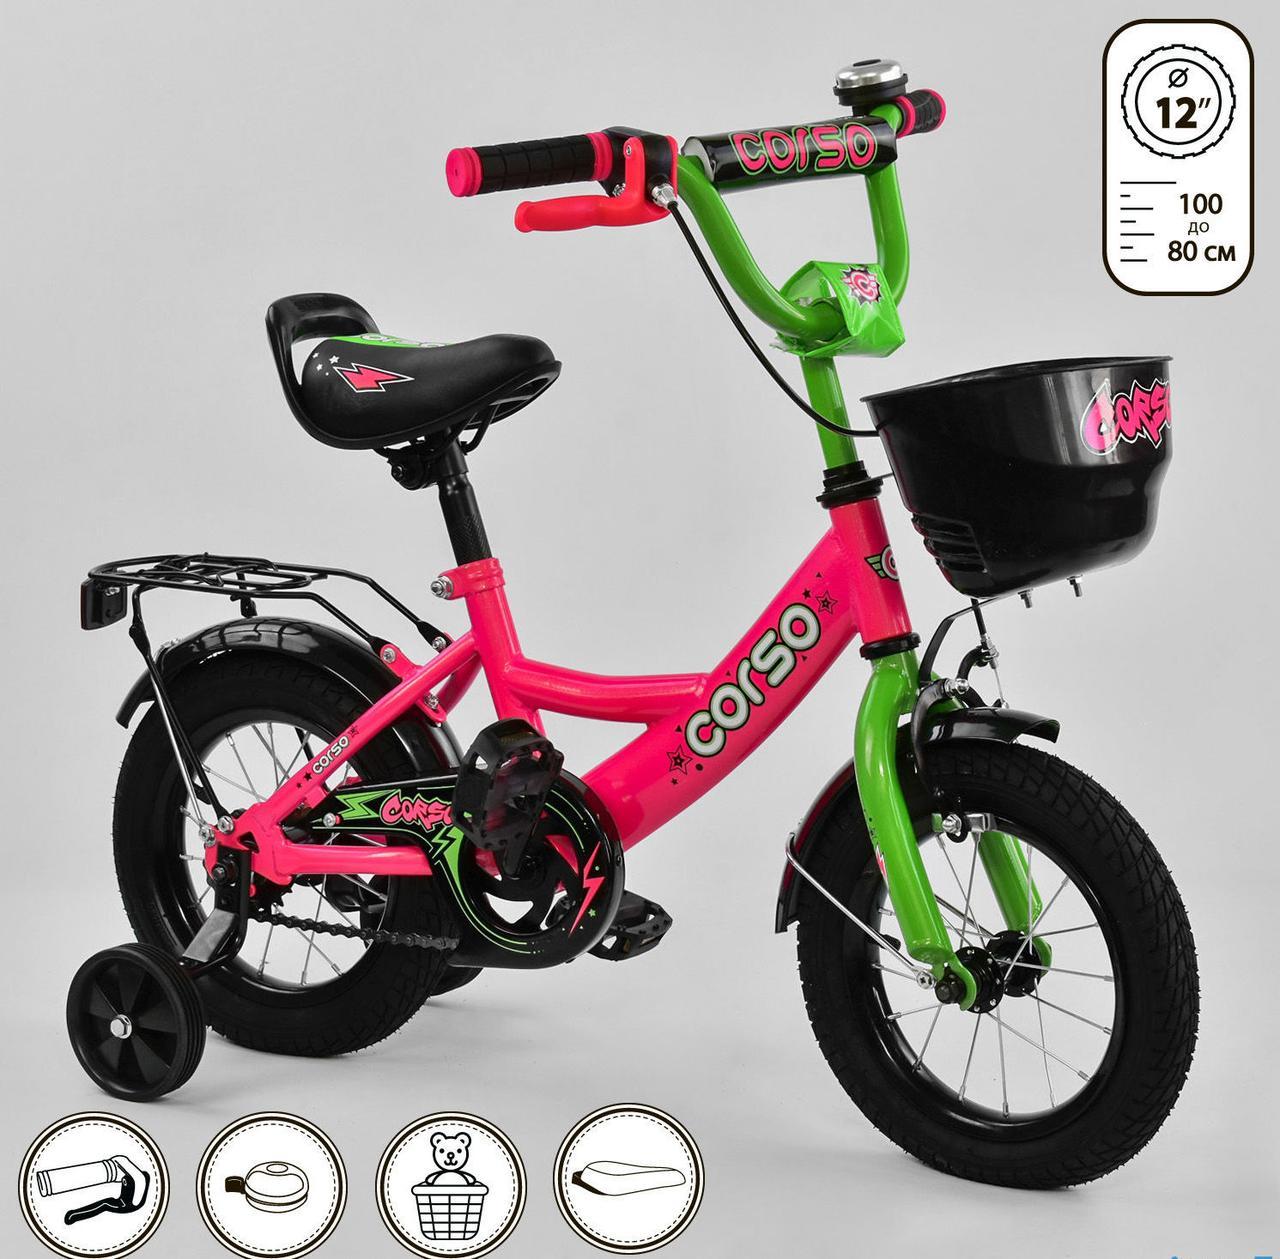 """Велосипед 12"""" дюймов 2-х колёсный G-12407 """"CORSO"""" ручной тормоз, корзинка, звоночек, сидение с ручкой,"""